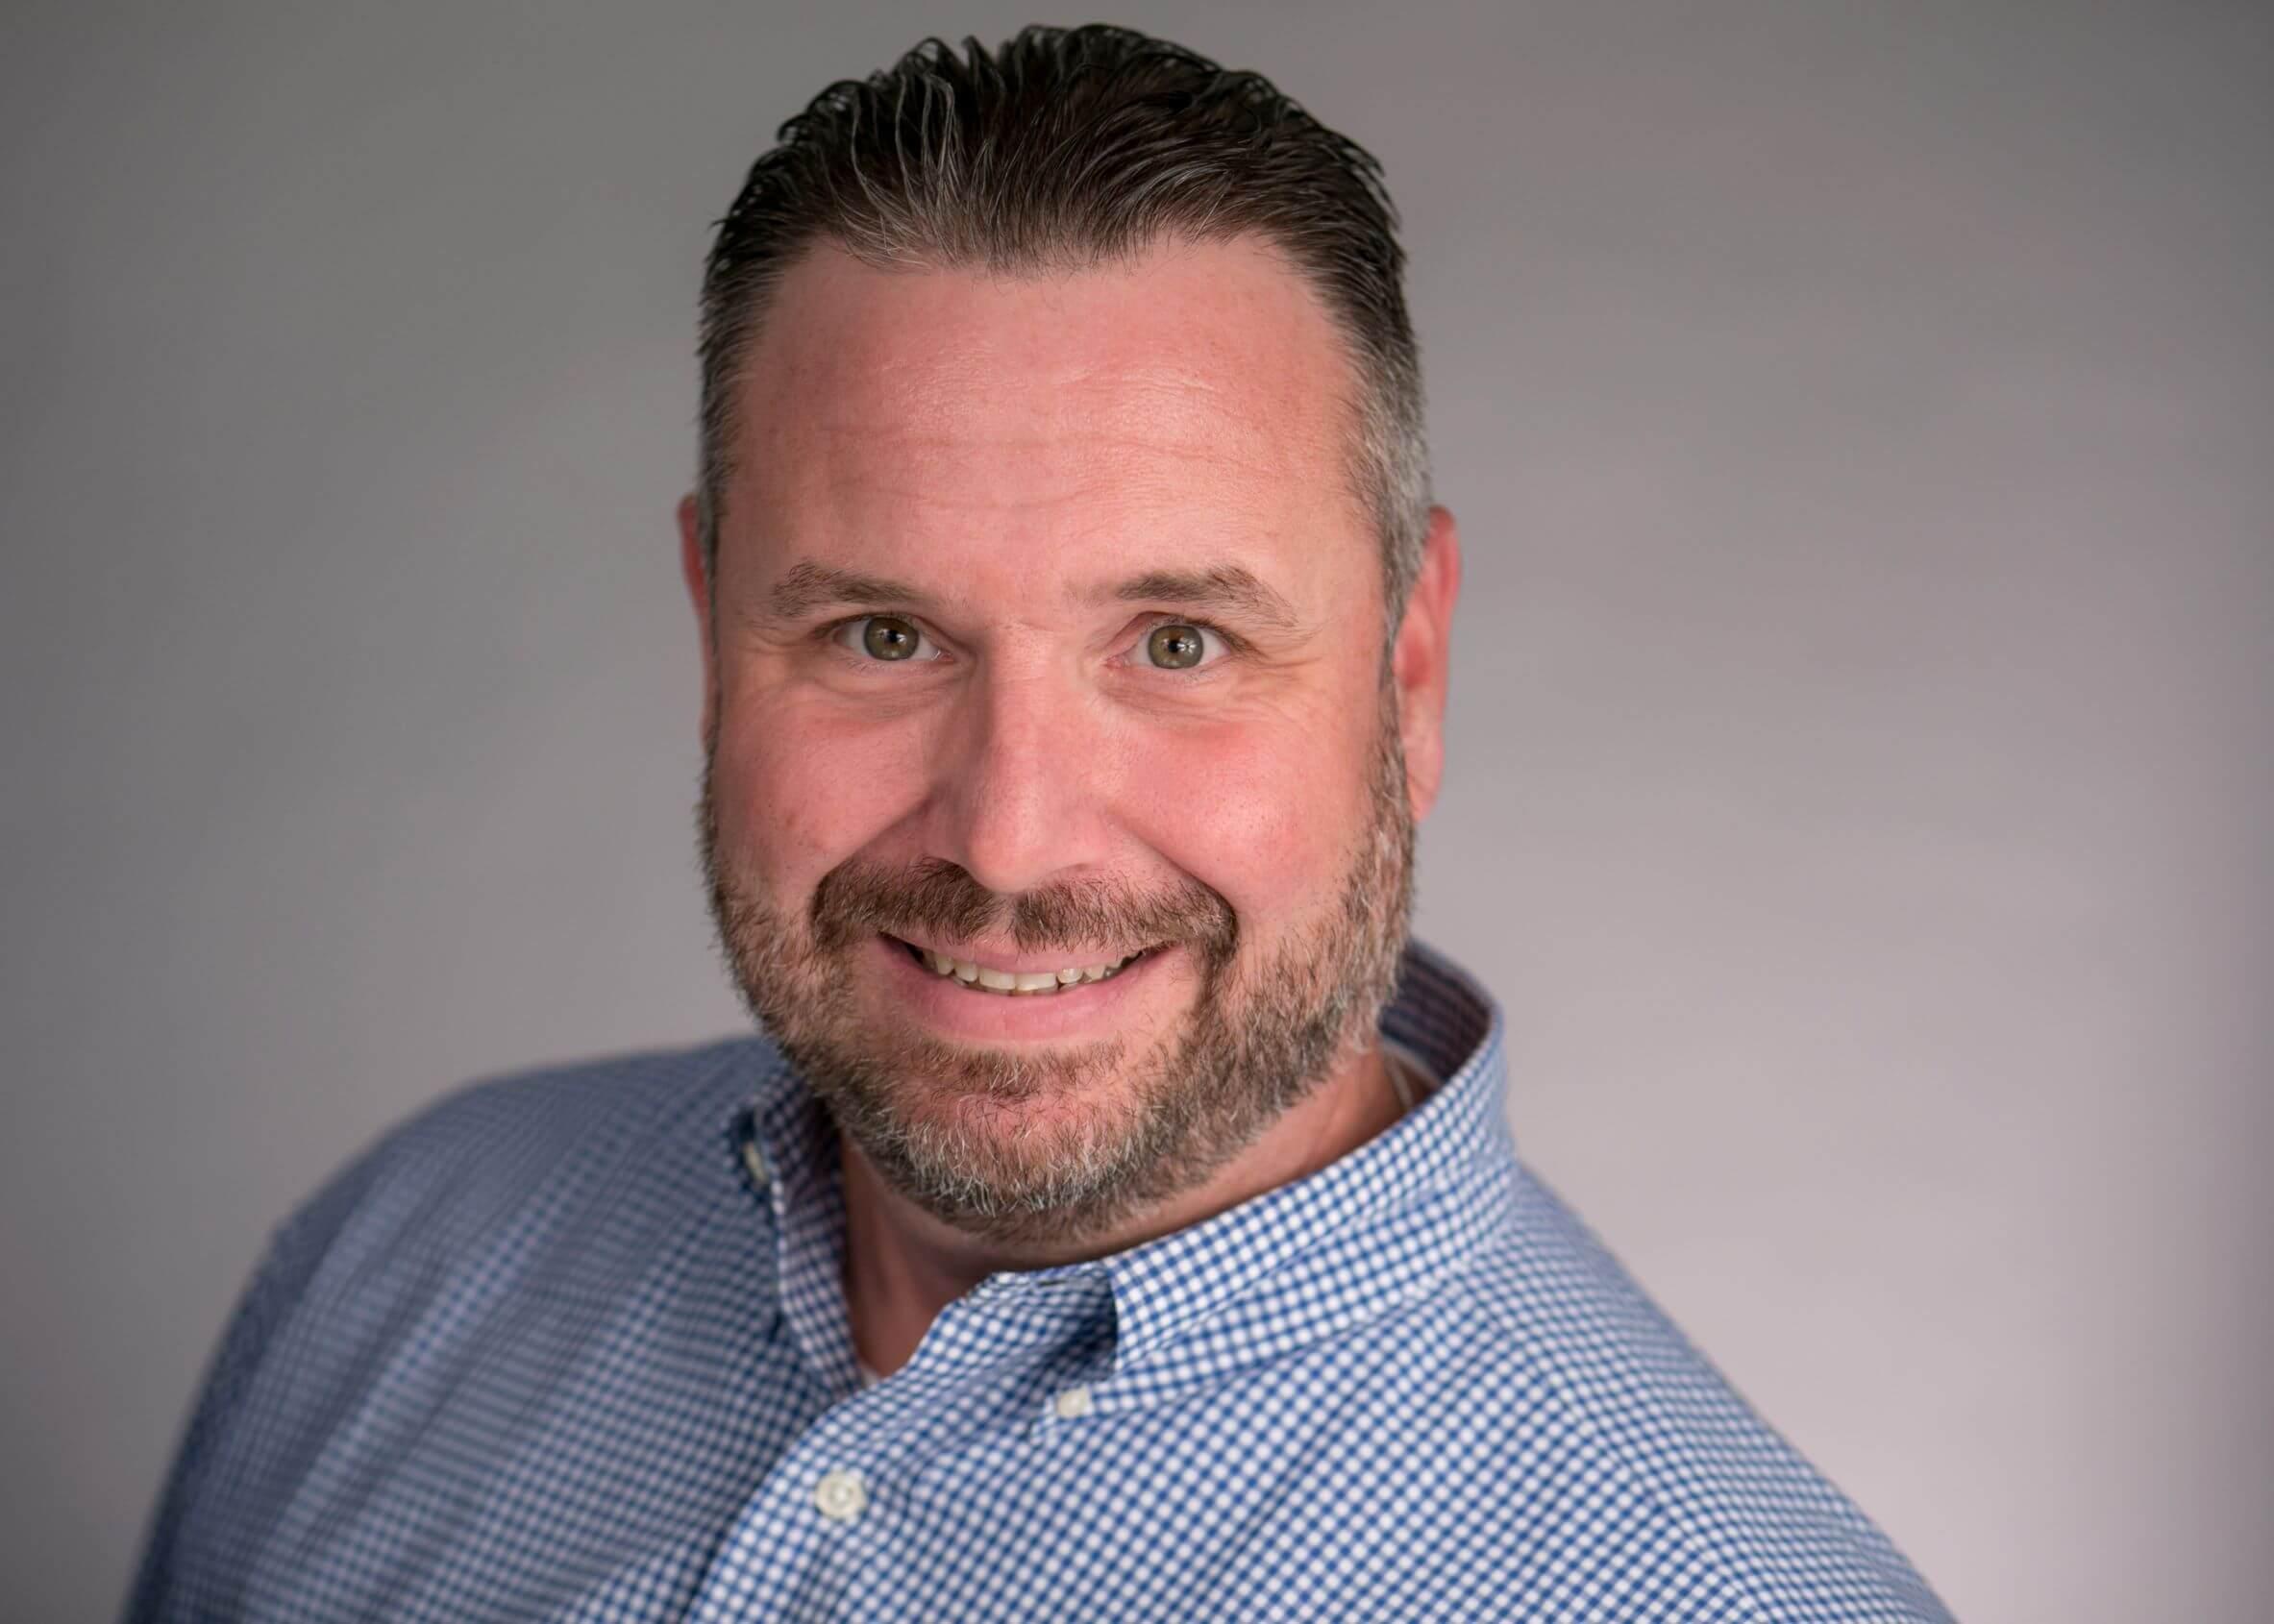 Phil Olsen